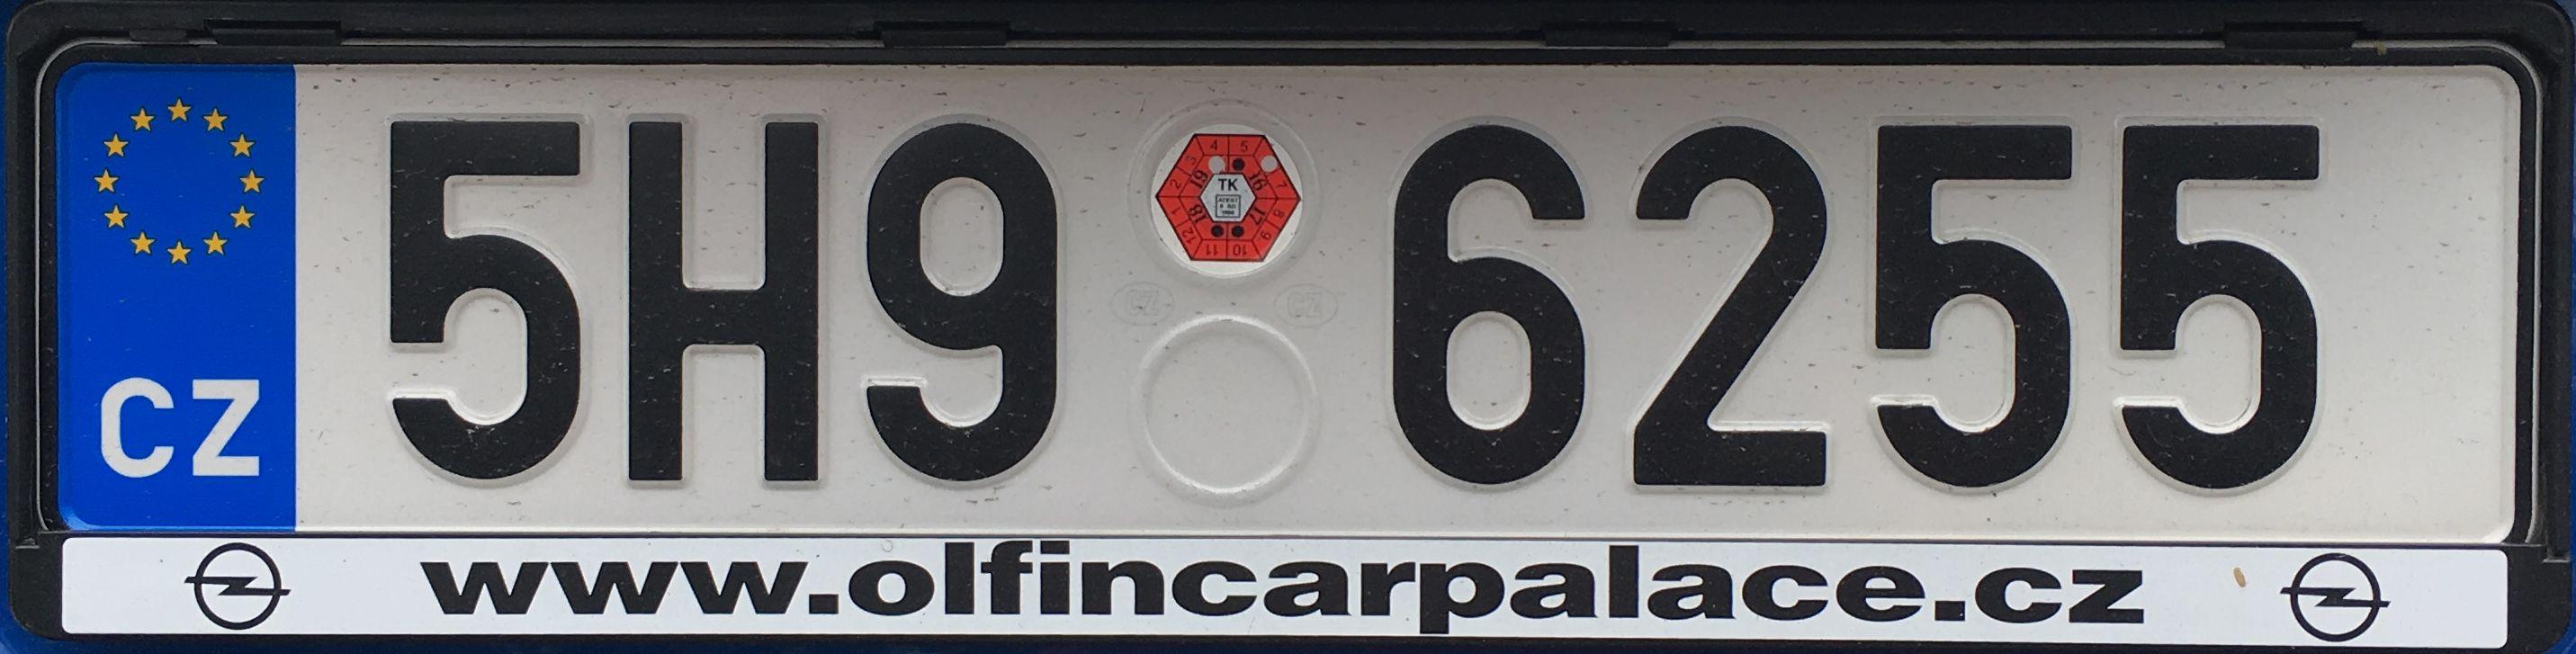 Registrační značky: H - Hradecký kraj, foto: vlastní